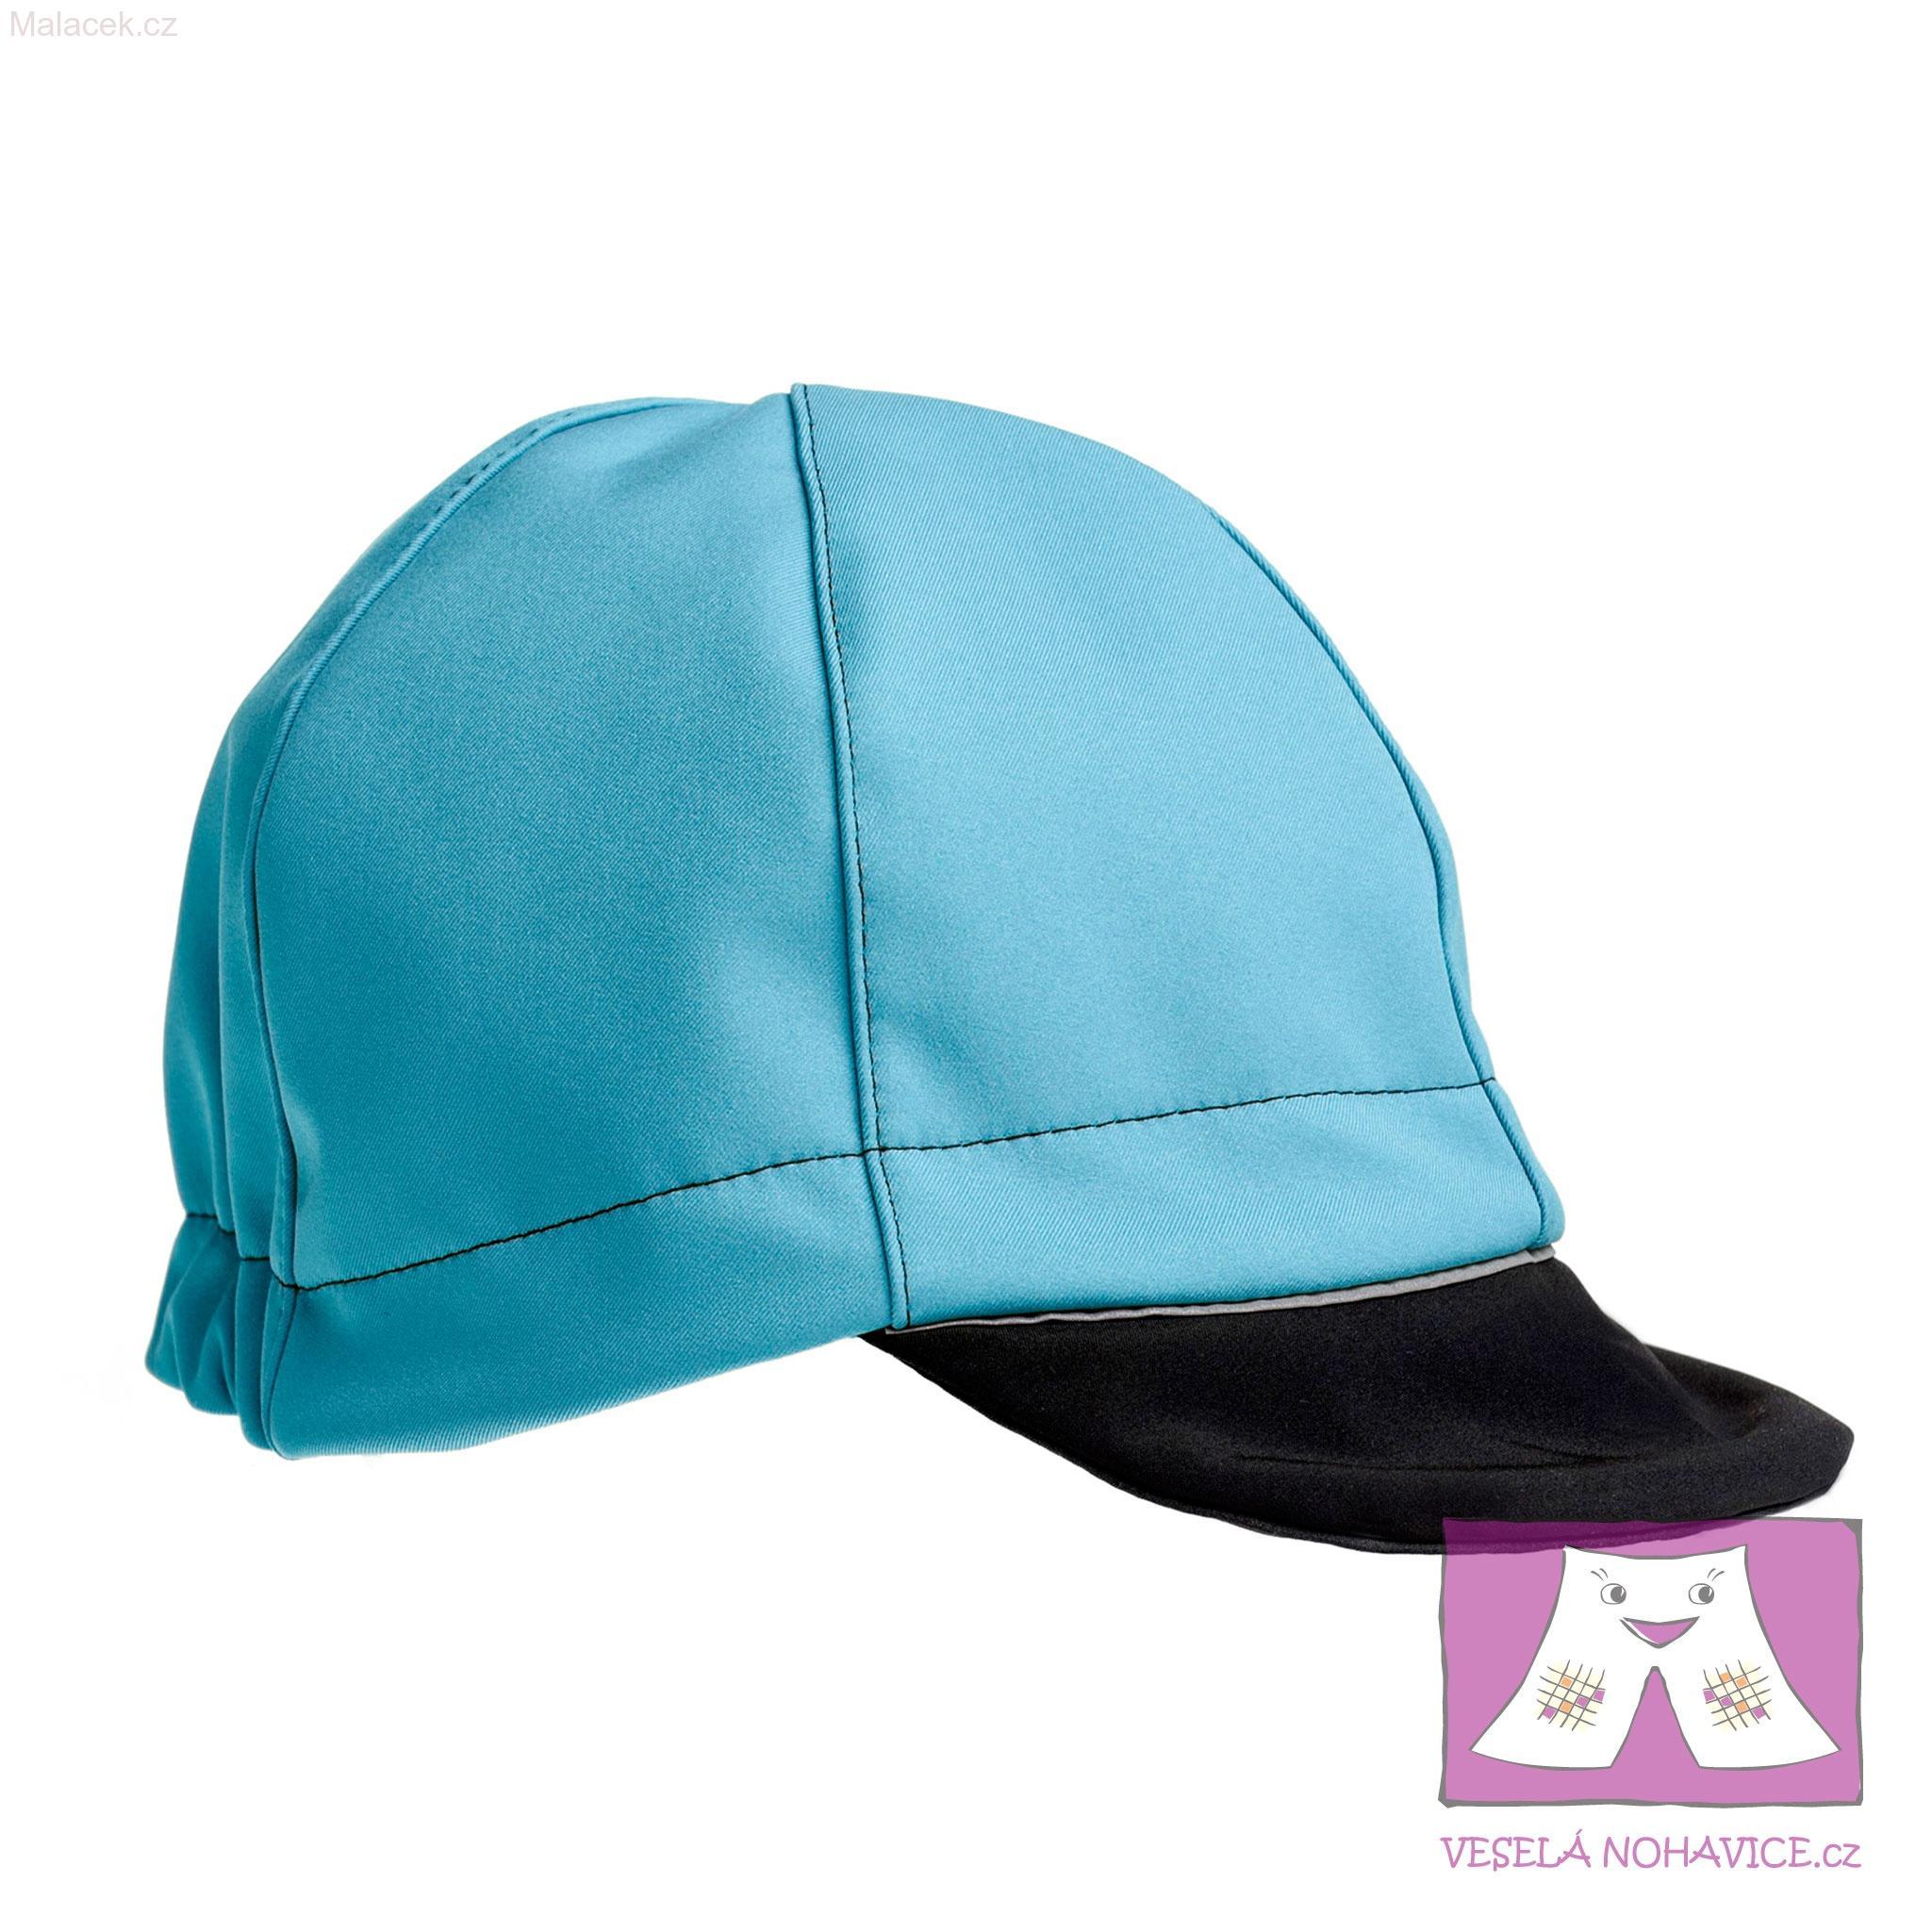 Softshellová čepice středně modro-černá 5c09793b9c